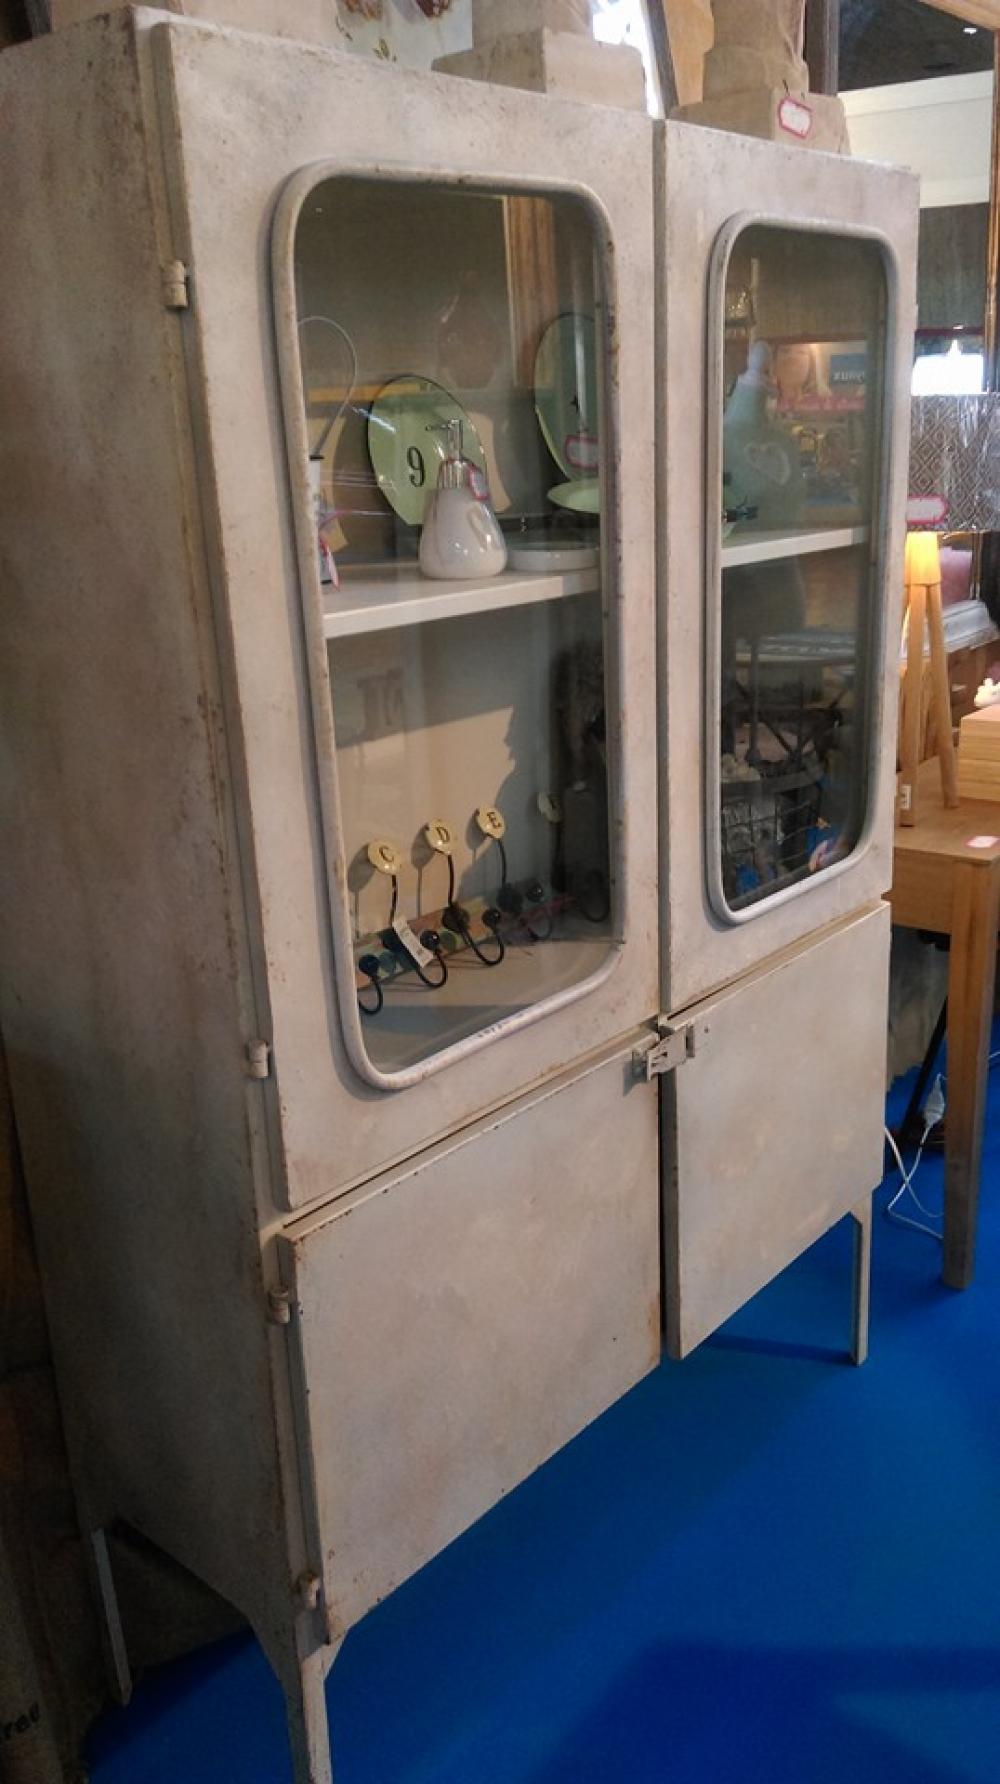 Tienda Muebles Santander Campoloco Muebles Y Decoracin Muebles Y  # Muebles Cecilia Santander